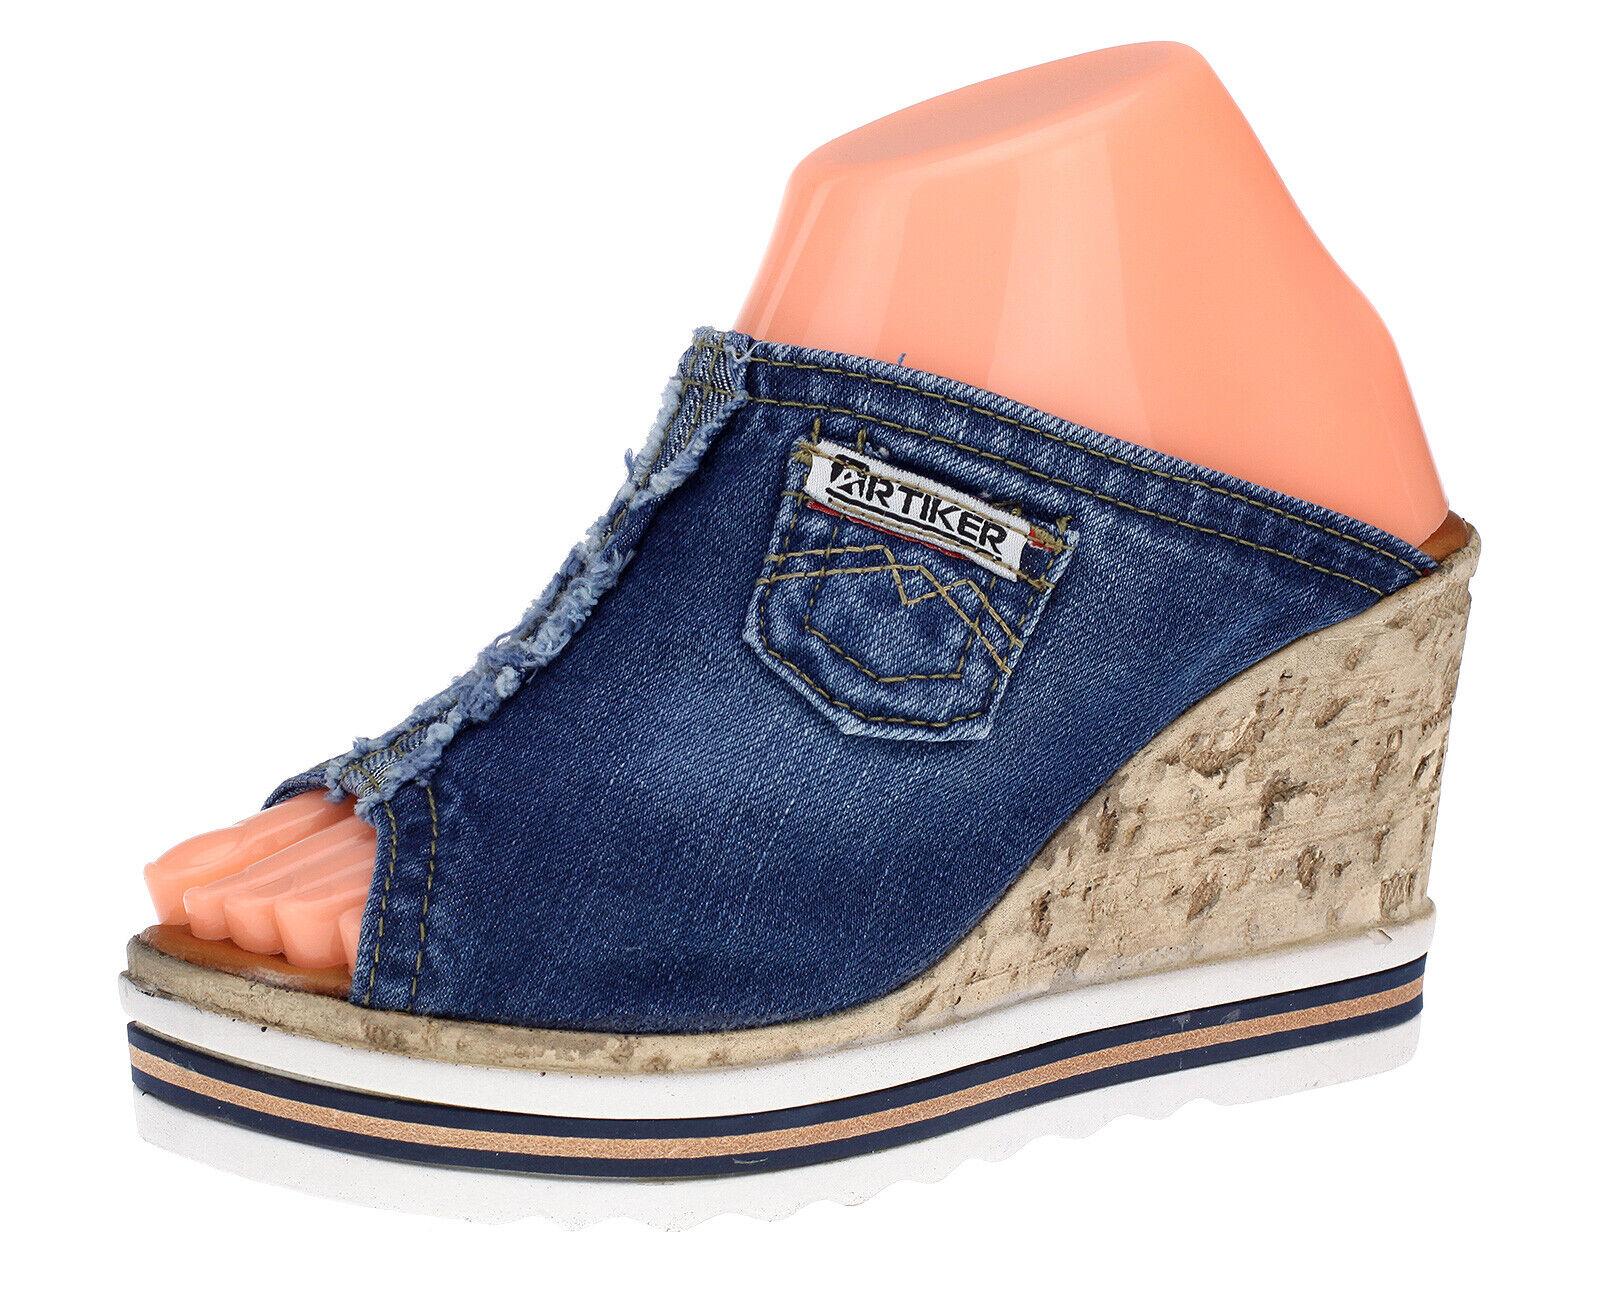 Artiker chaussures femmes keilpantoletten Sandales Semelle Talon Compense Compenses Plateforme 0243